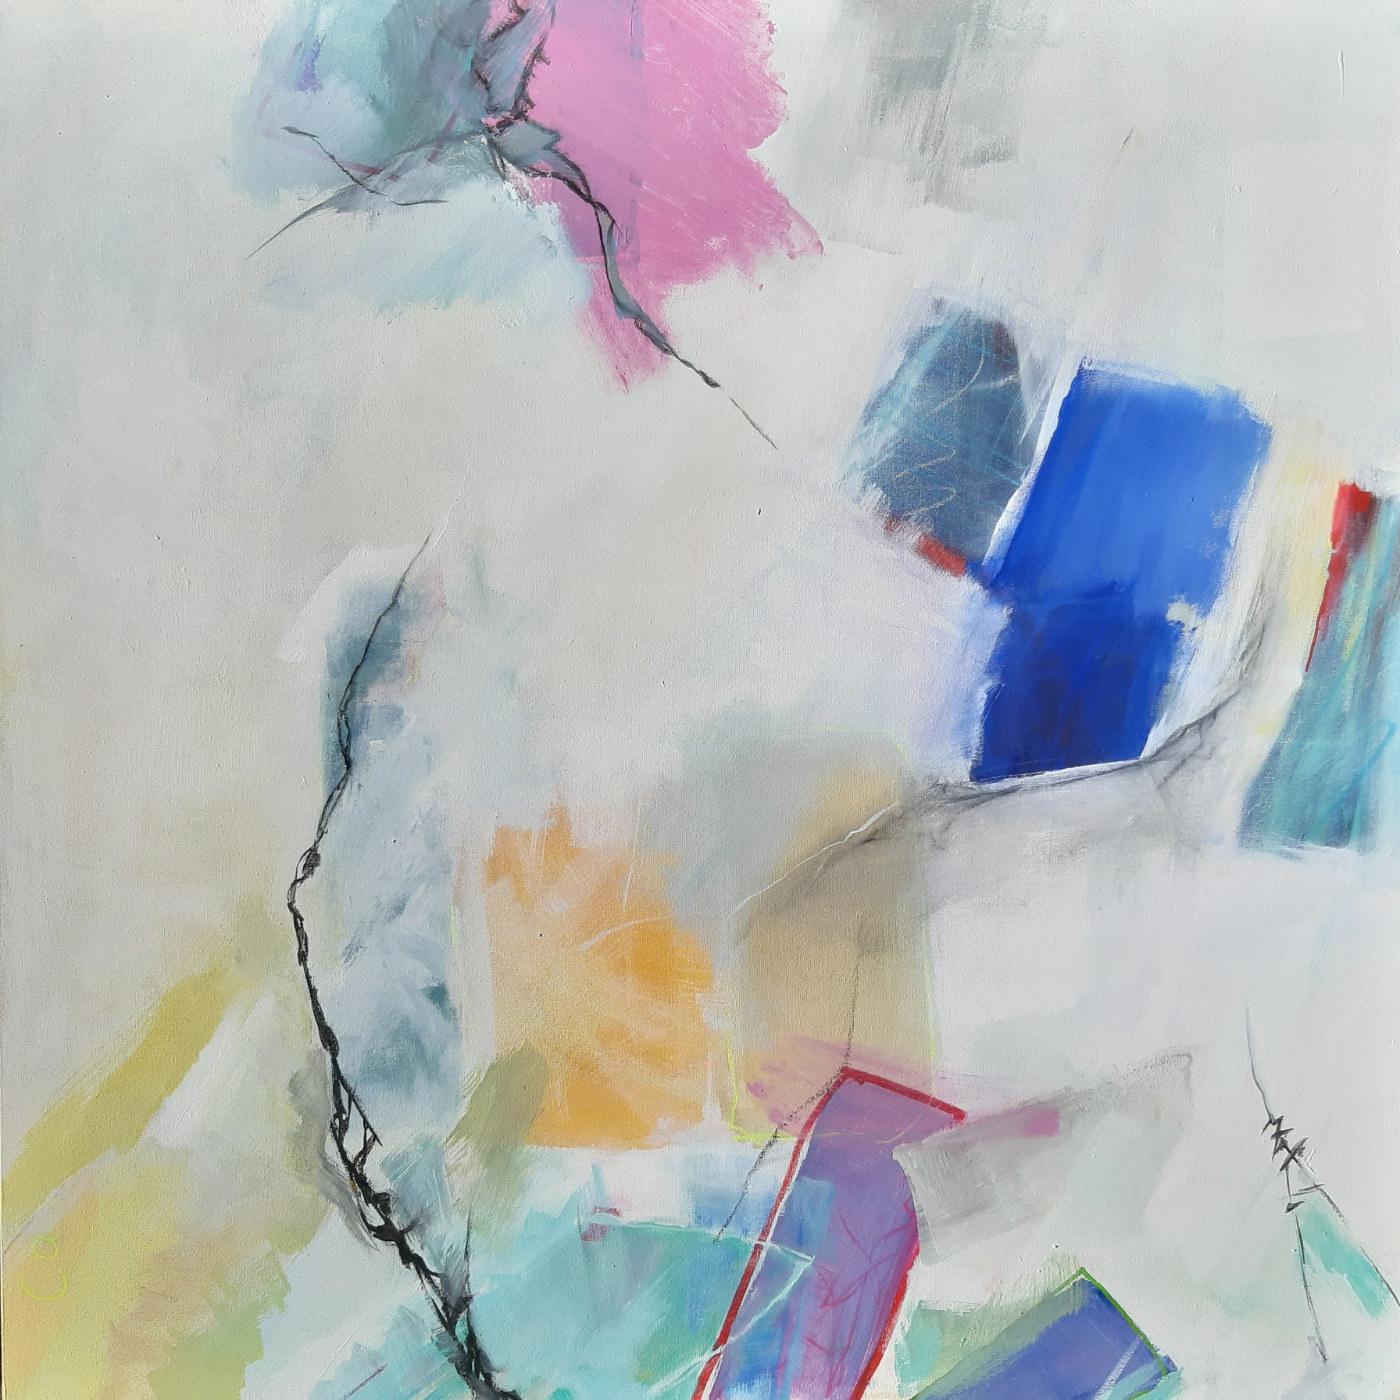 Lichtspiele - Acryl auf Leinwand - 100 x 100 cm